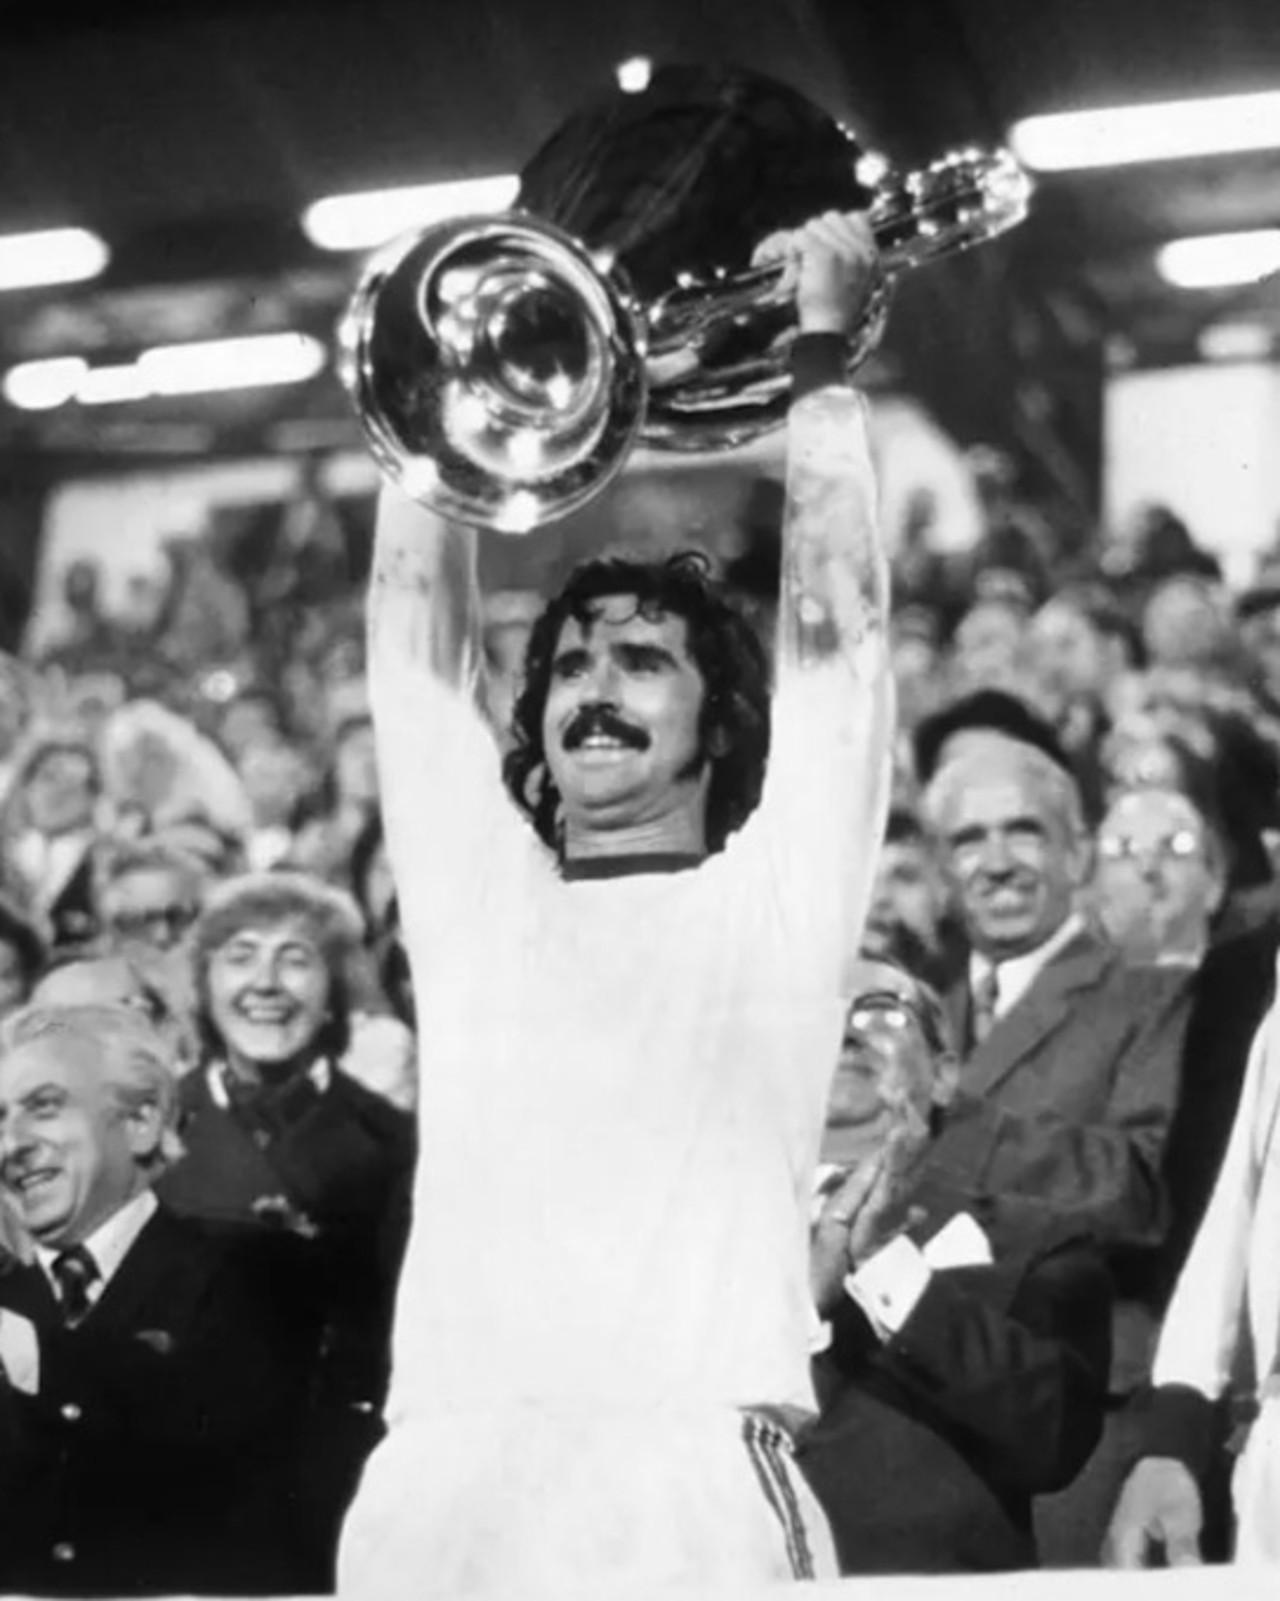 Murió Gerd Müller, histórico delantero de la selección alemana y la Bundesliga